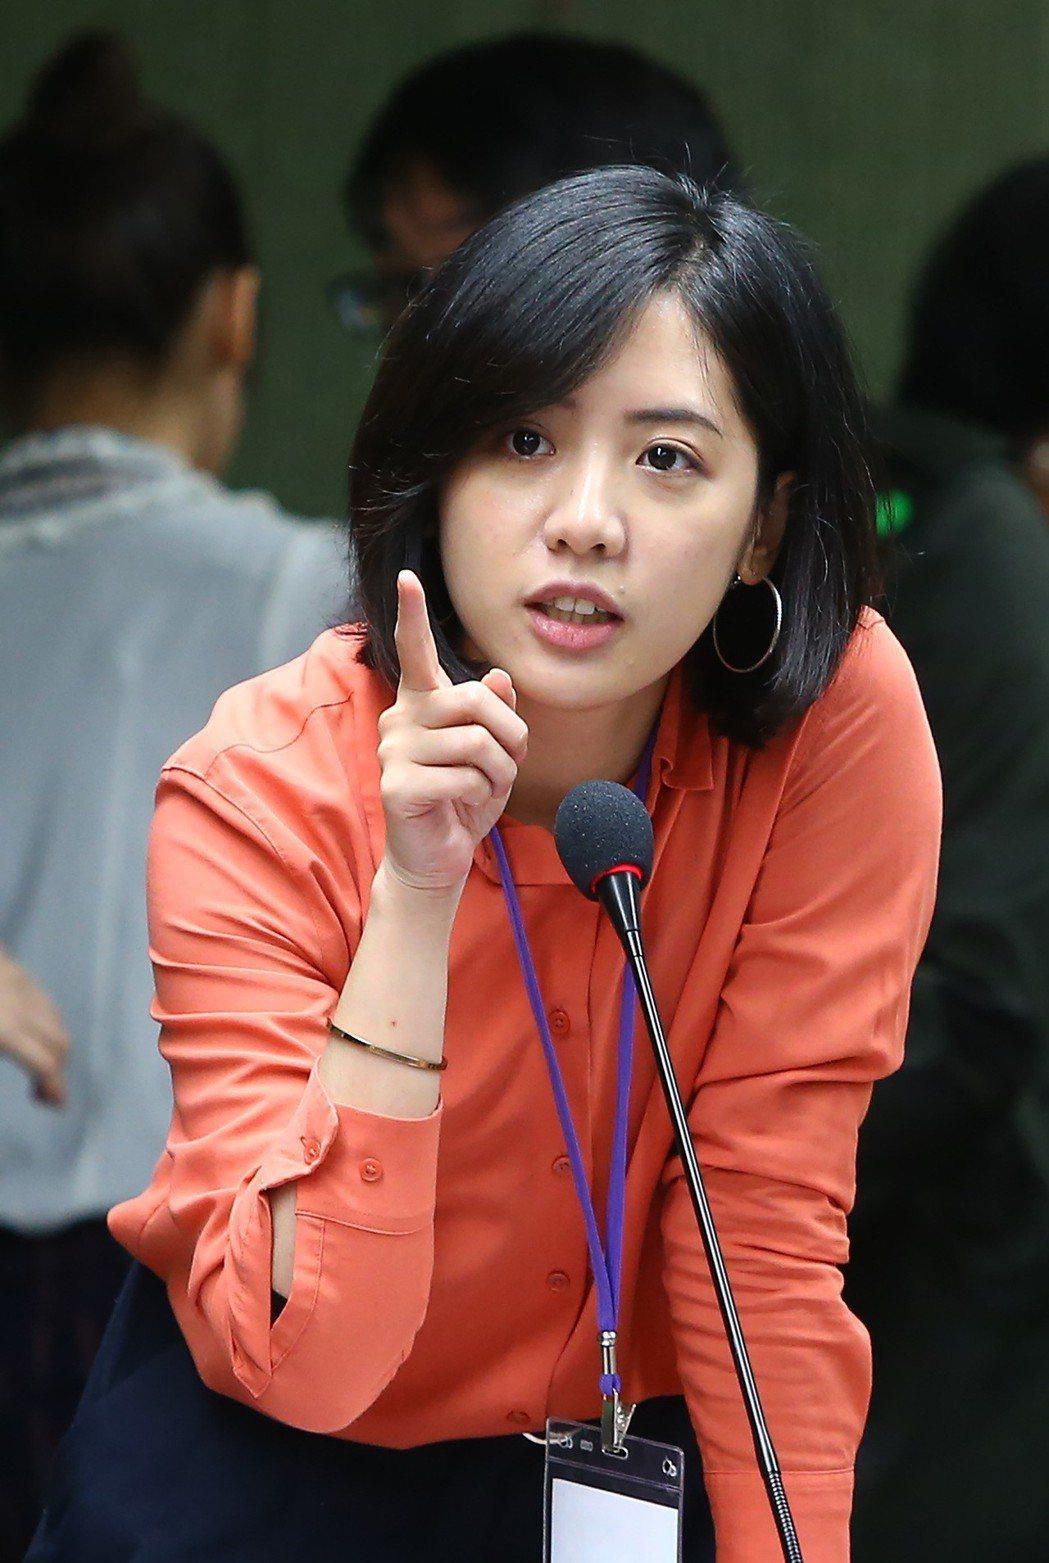 「學姐」黃瀞瑩是柯文哲得力助手。圖/聯合報系資料照